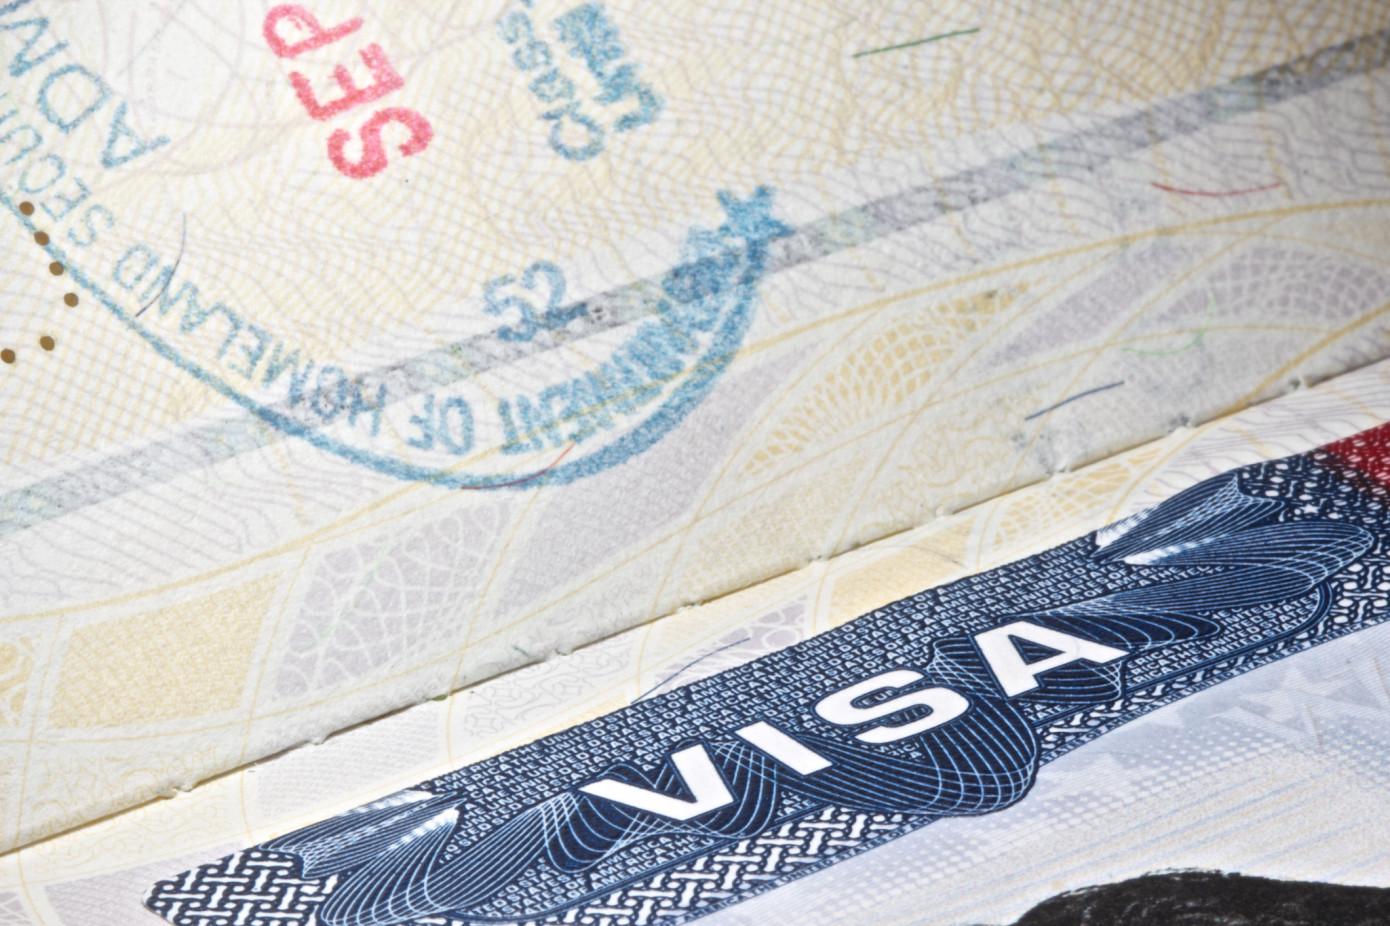 Estados Unidos comienza a examinar las redes sociales para casi todos los solicitantes de visa